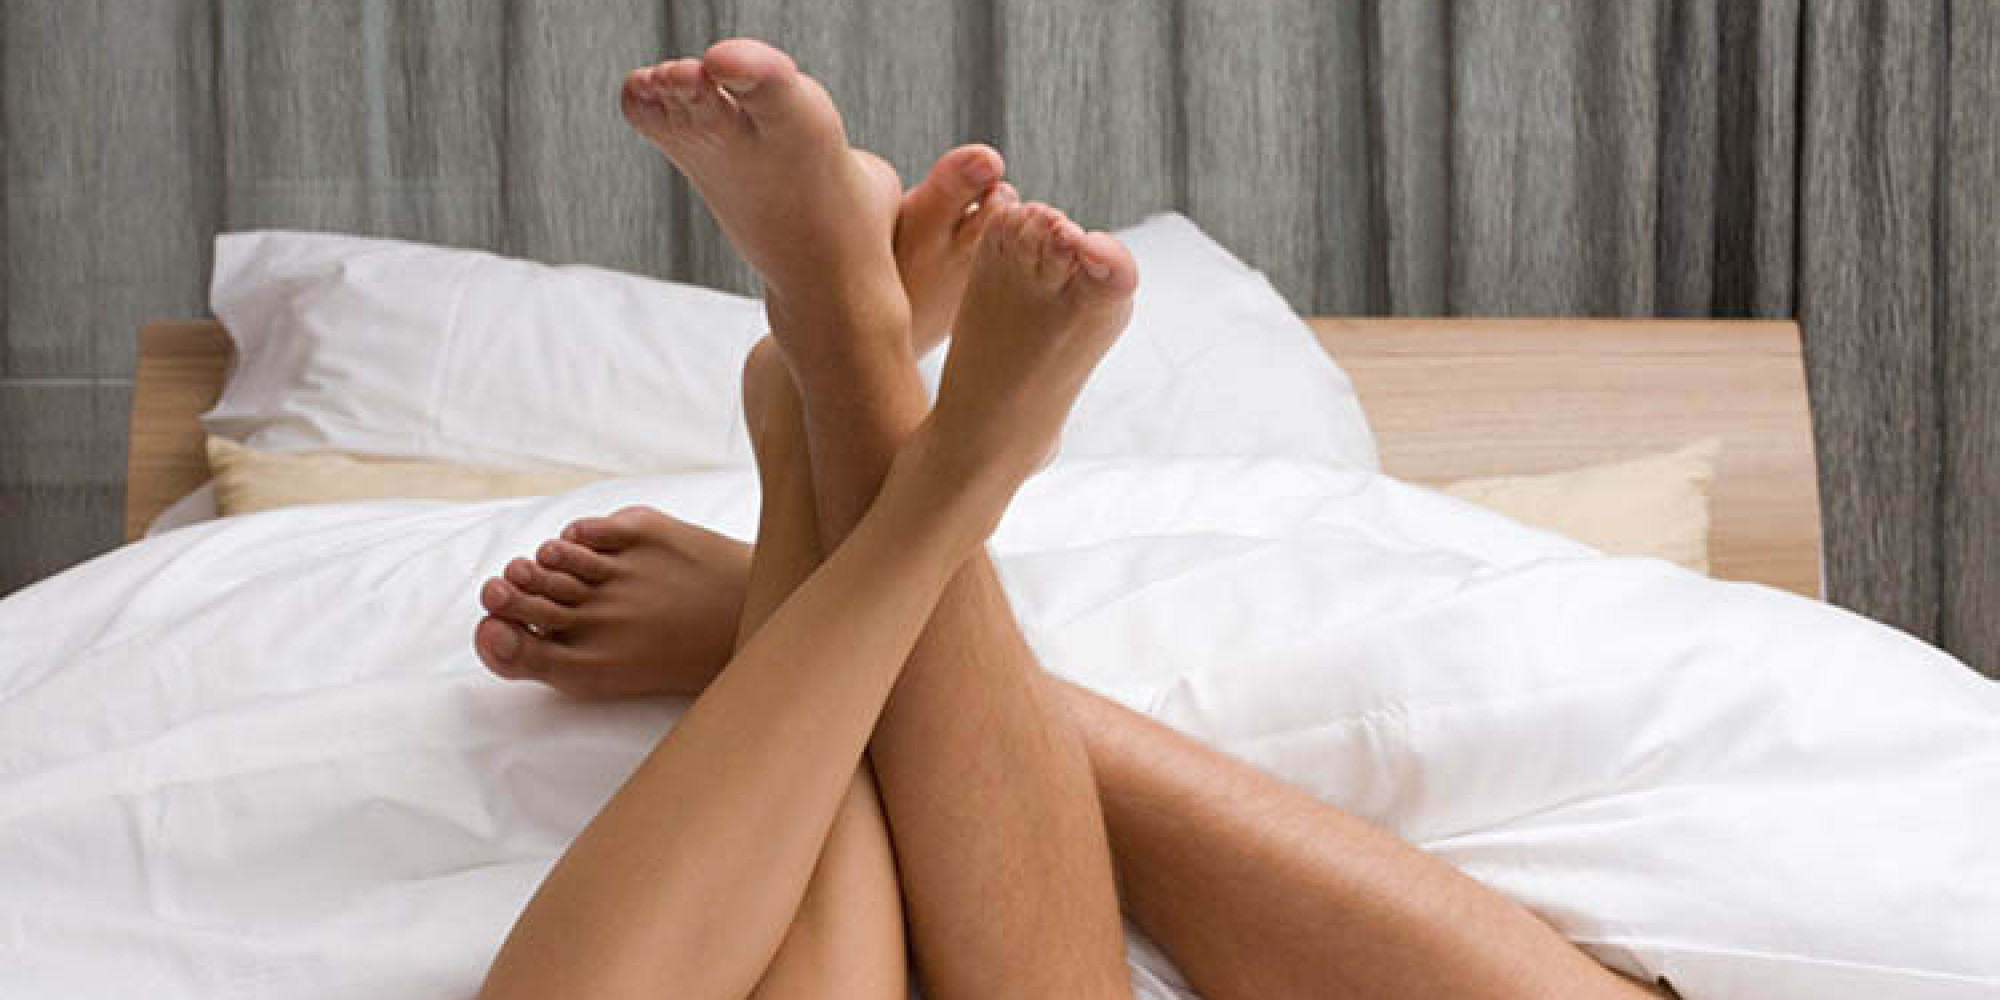 Целует ноги жене, Муж целует ноги жене - сборник красивых стихов в Доме 14 фотография